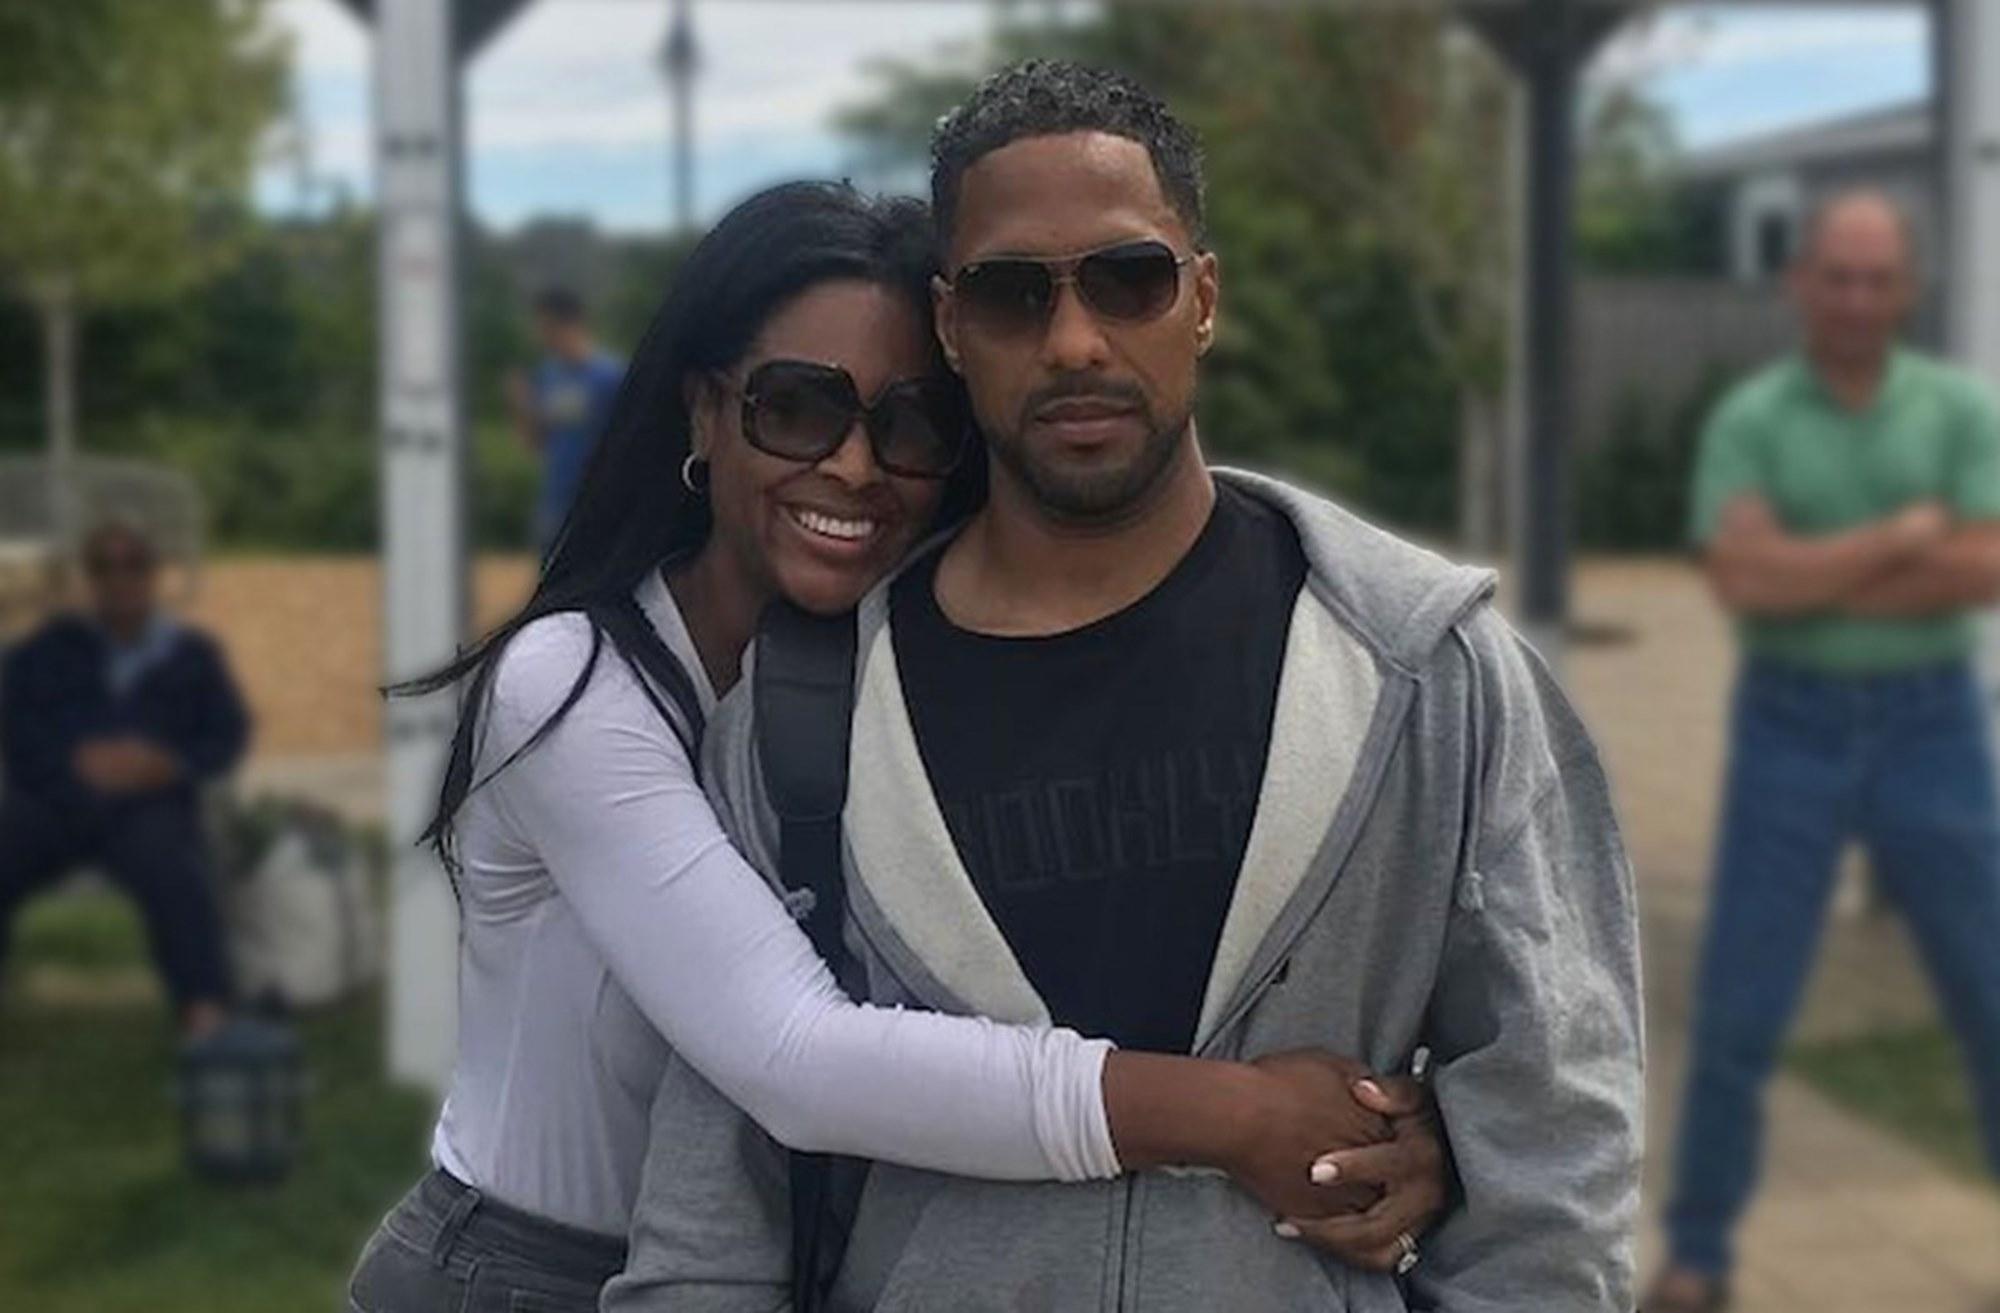 Kenya Moore Marc Daly NeNe Leakes RHOA